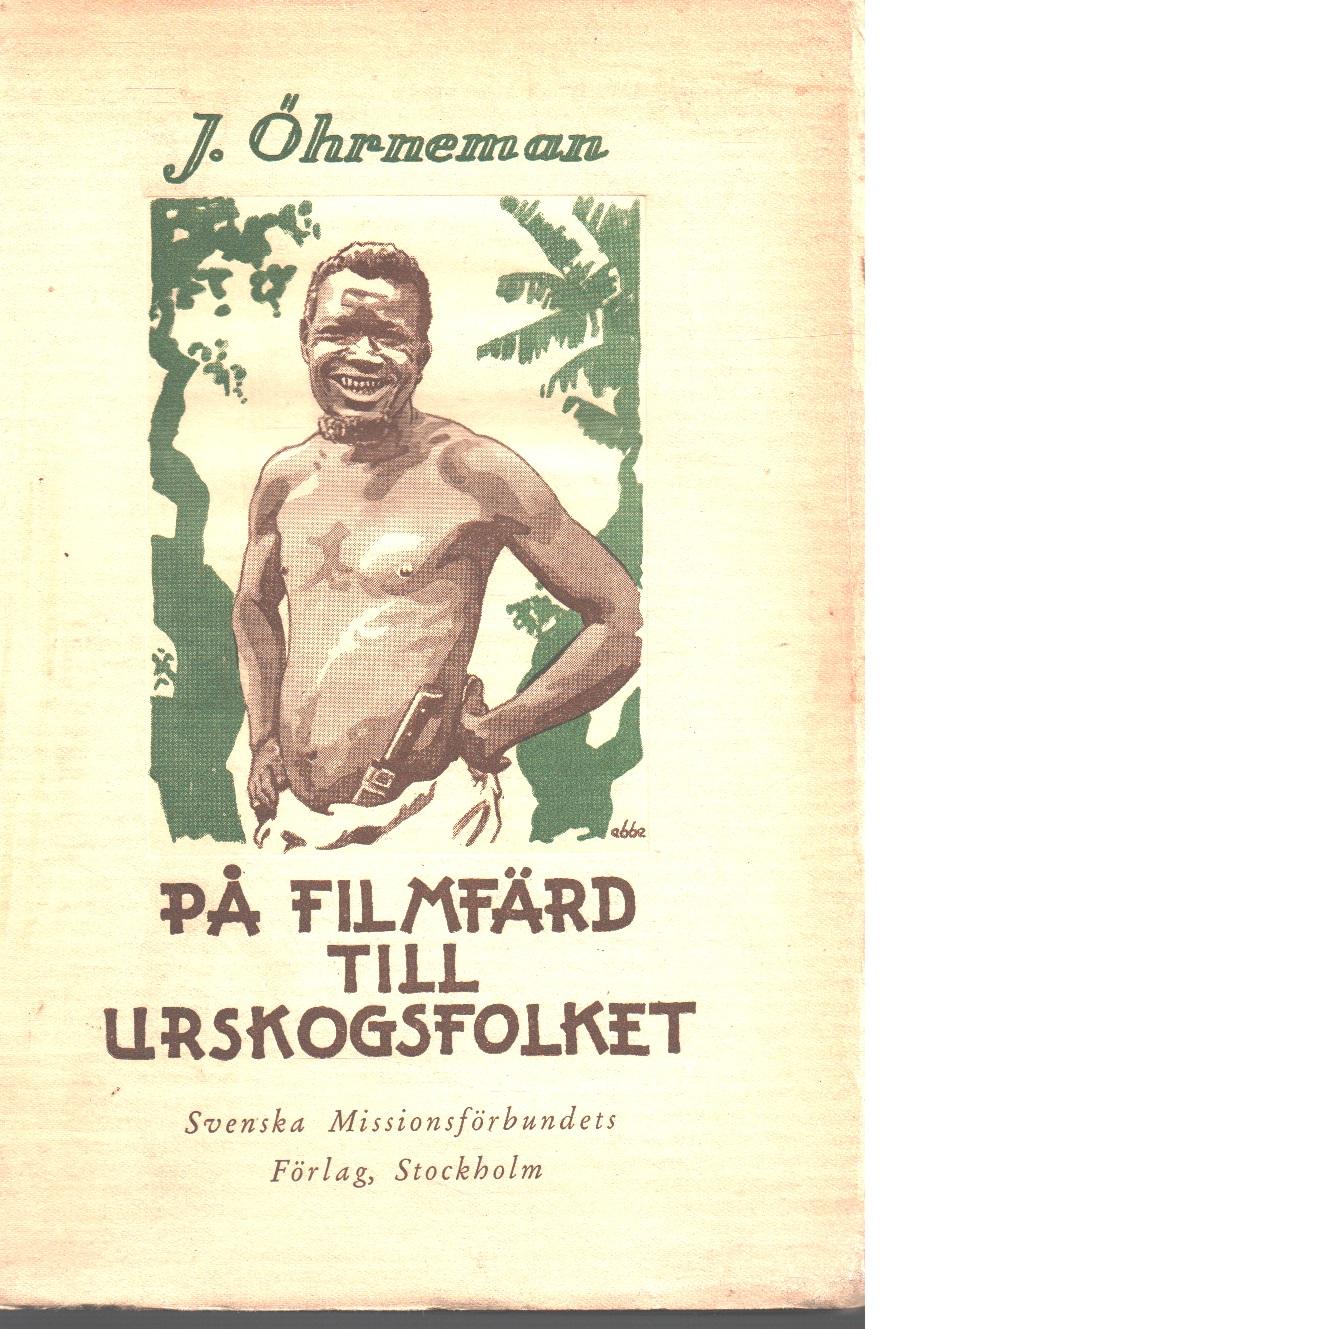 På filmfärd till urskogsfolket - Öhrneman, Josef